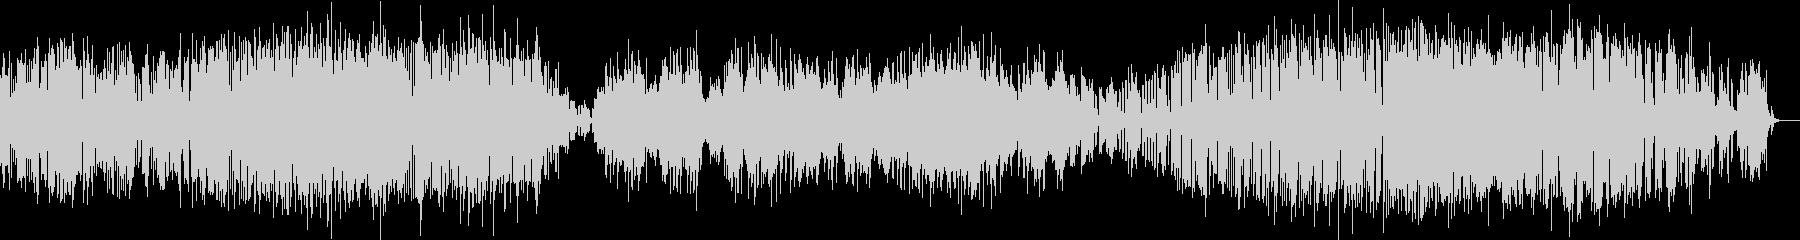 ラフマニノフ:前奏曲第5番(ピアノソロ)の未再生の波形